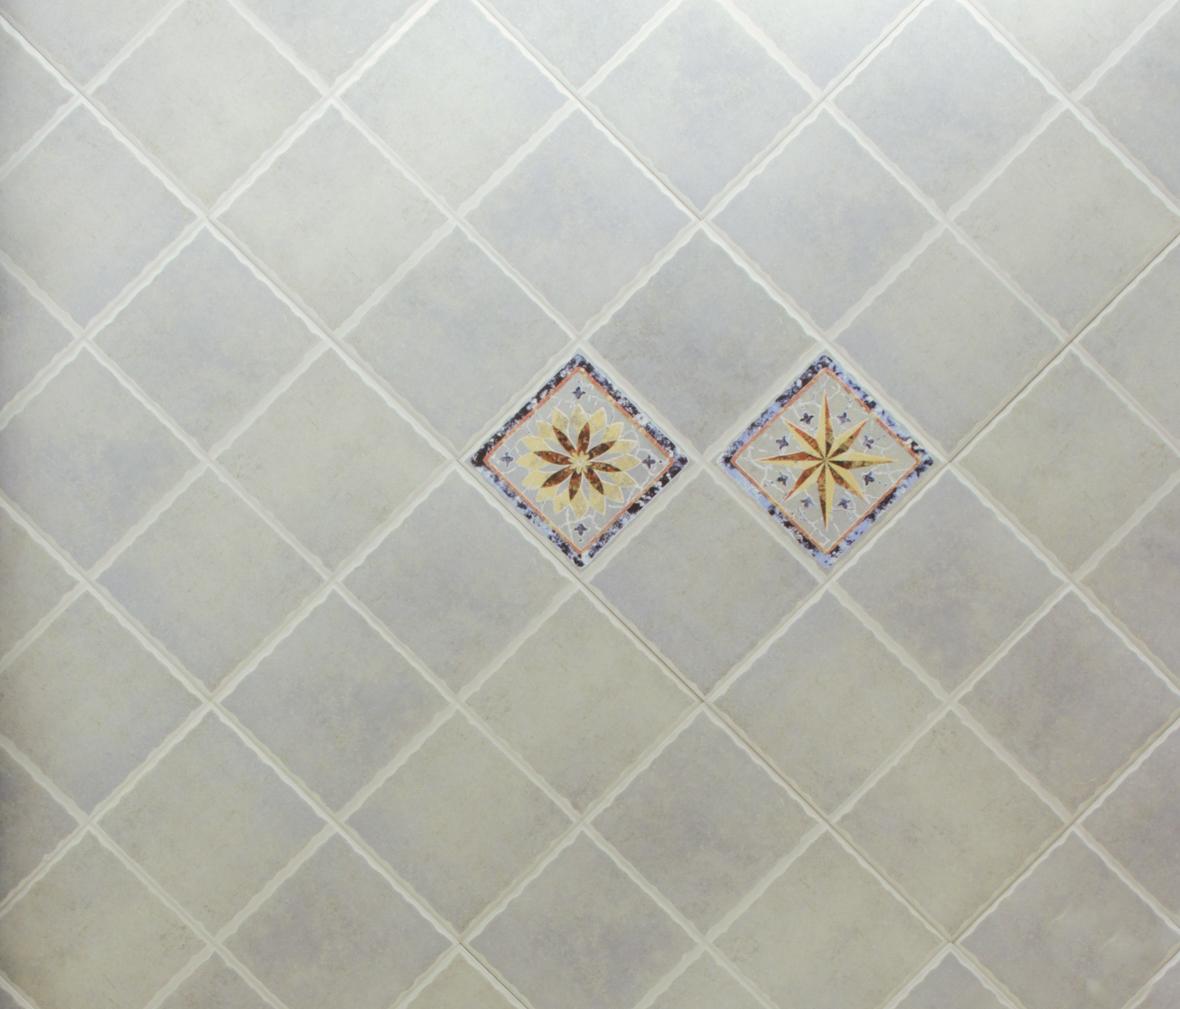 浅色墙砖贴图素材 厨房